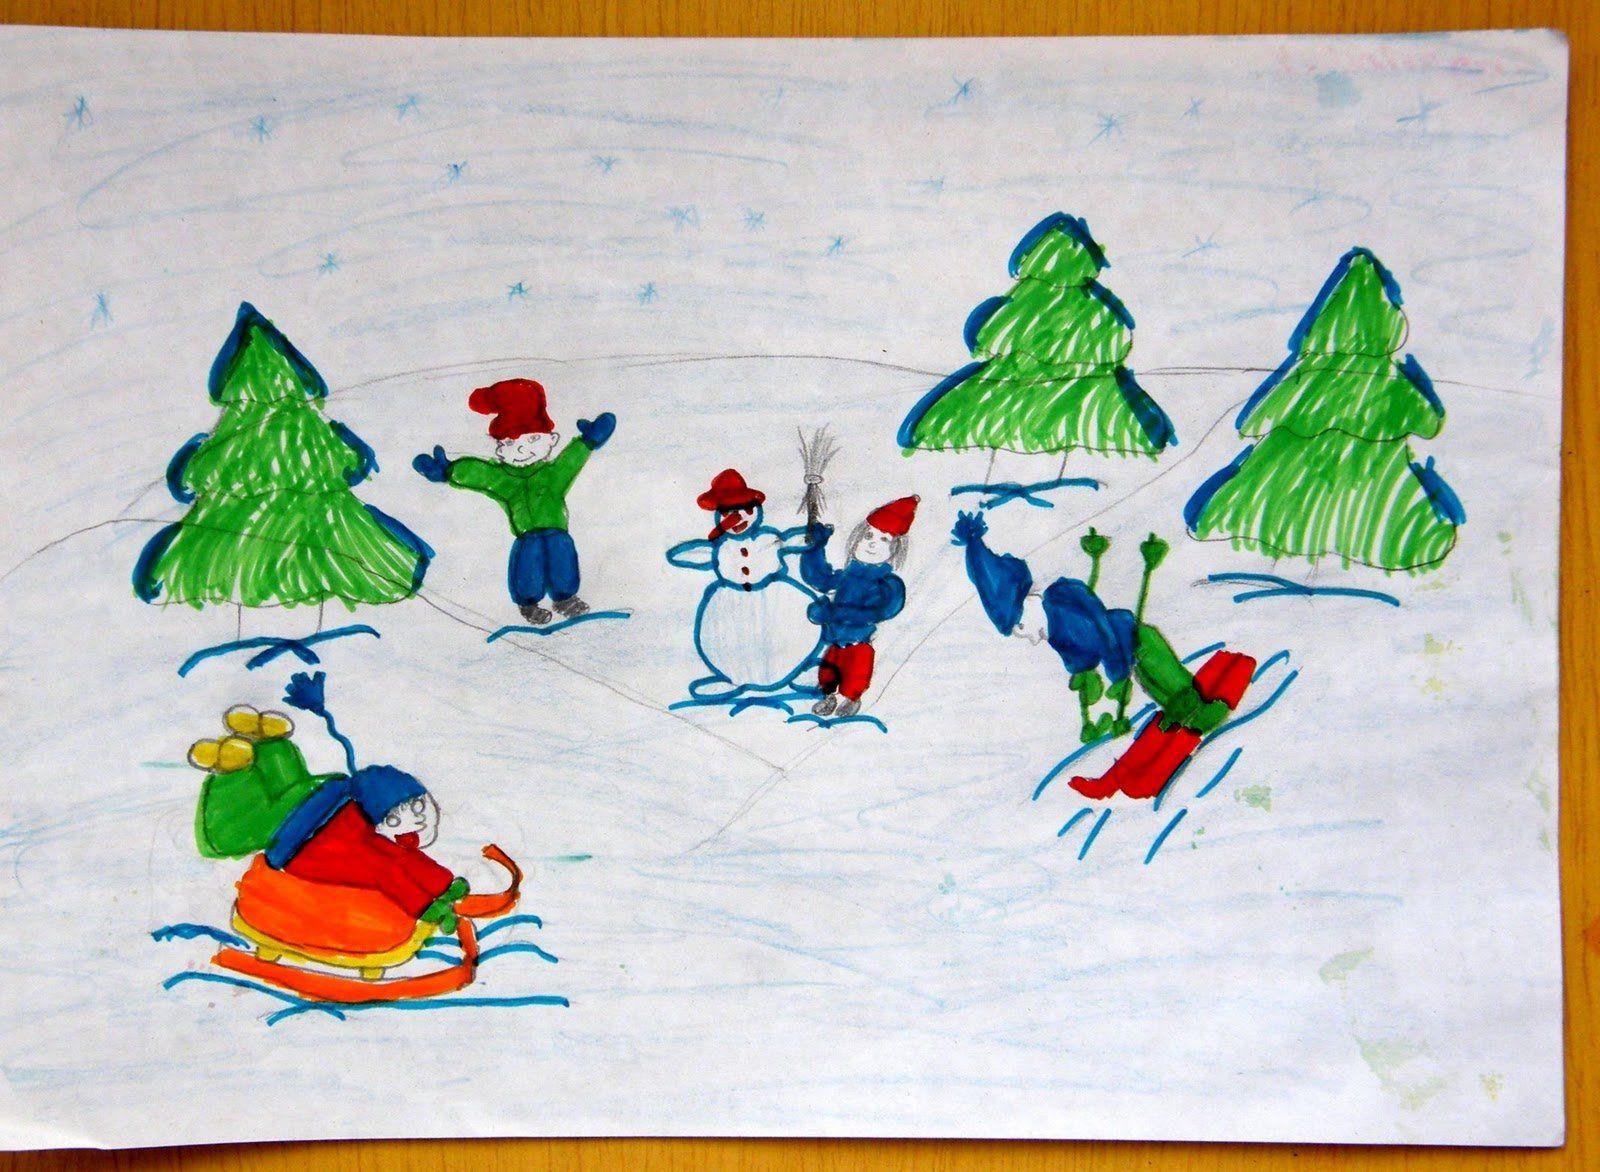 рисунок зима зимние забавы макдональдсы